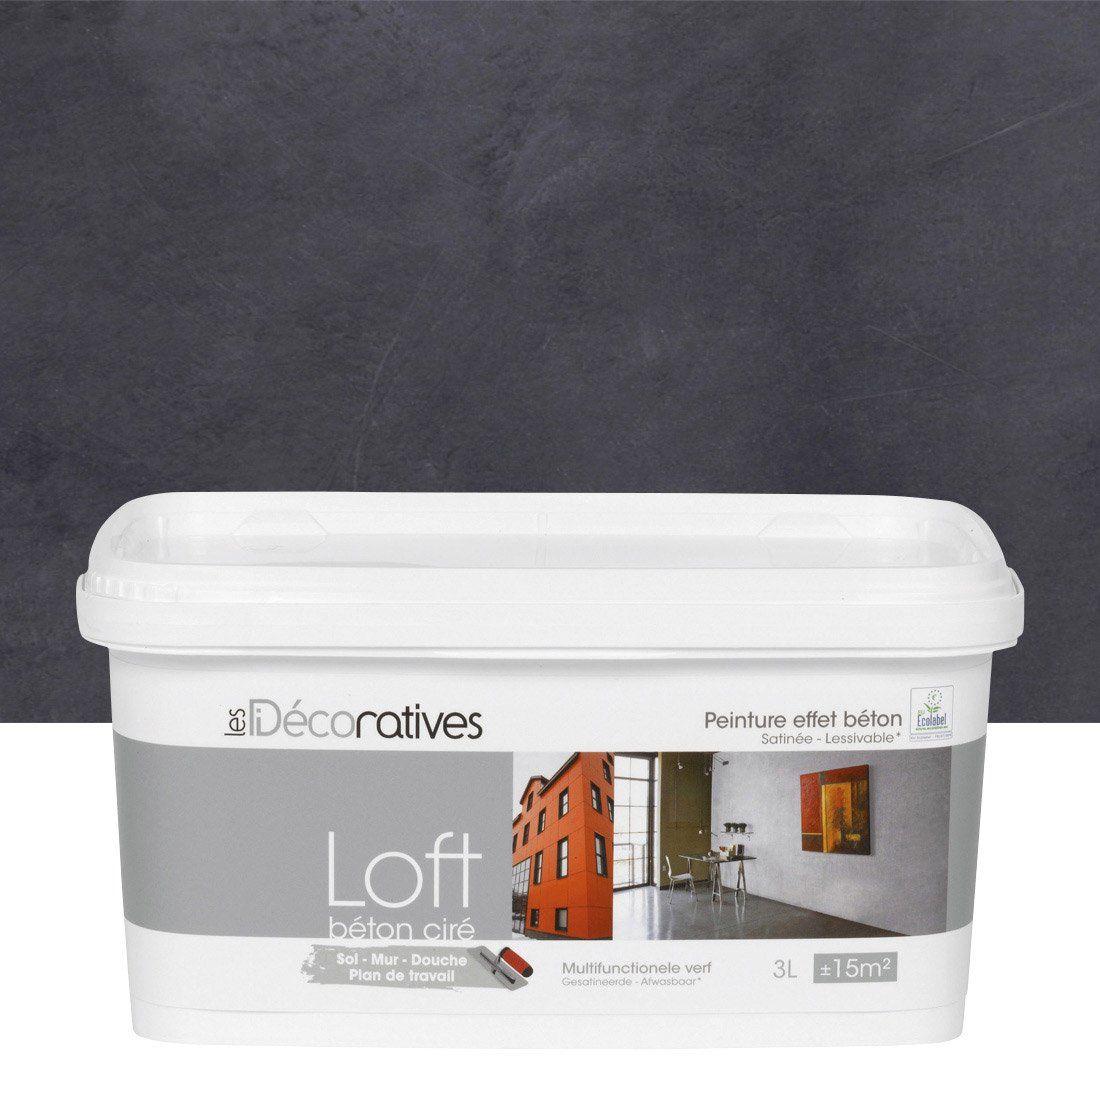 Peinture à Effet, Loft Béton Ciré LES DECORATIVES, Noir Carbone, 3 L | Leroy  Merlin